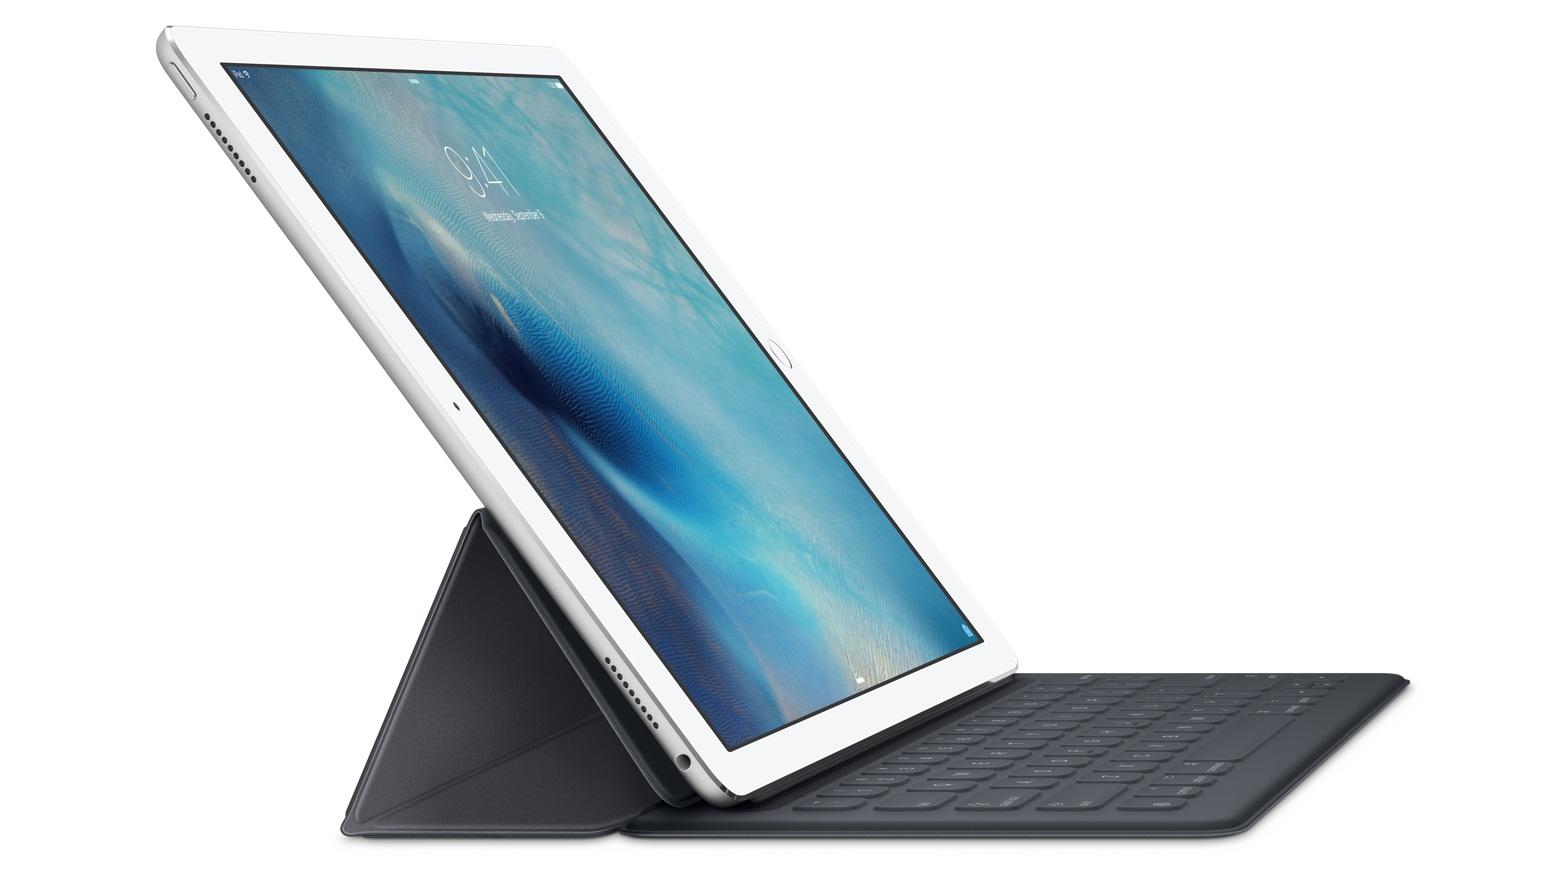 iPad Pro: a tentativa da Apple em tornar seu tablet uma ferramenta de produtividade, seguindo os passos do Microsoft Surface. Ele é rápido e o Apple Pencil é preciso, mas suas ambições são limitadas pelo iOS e pelo teclado.